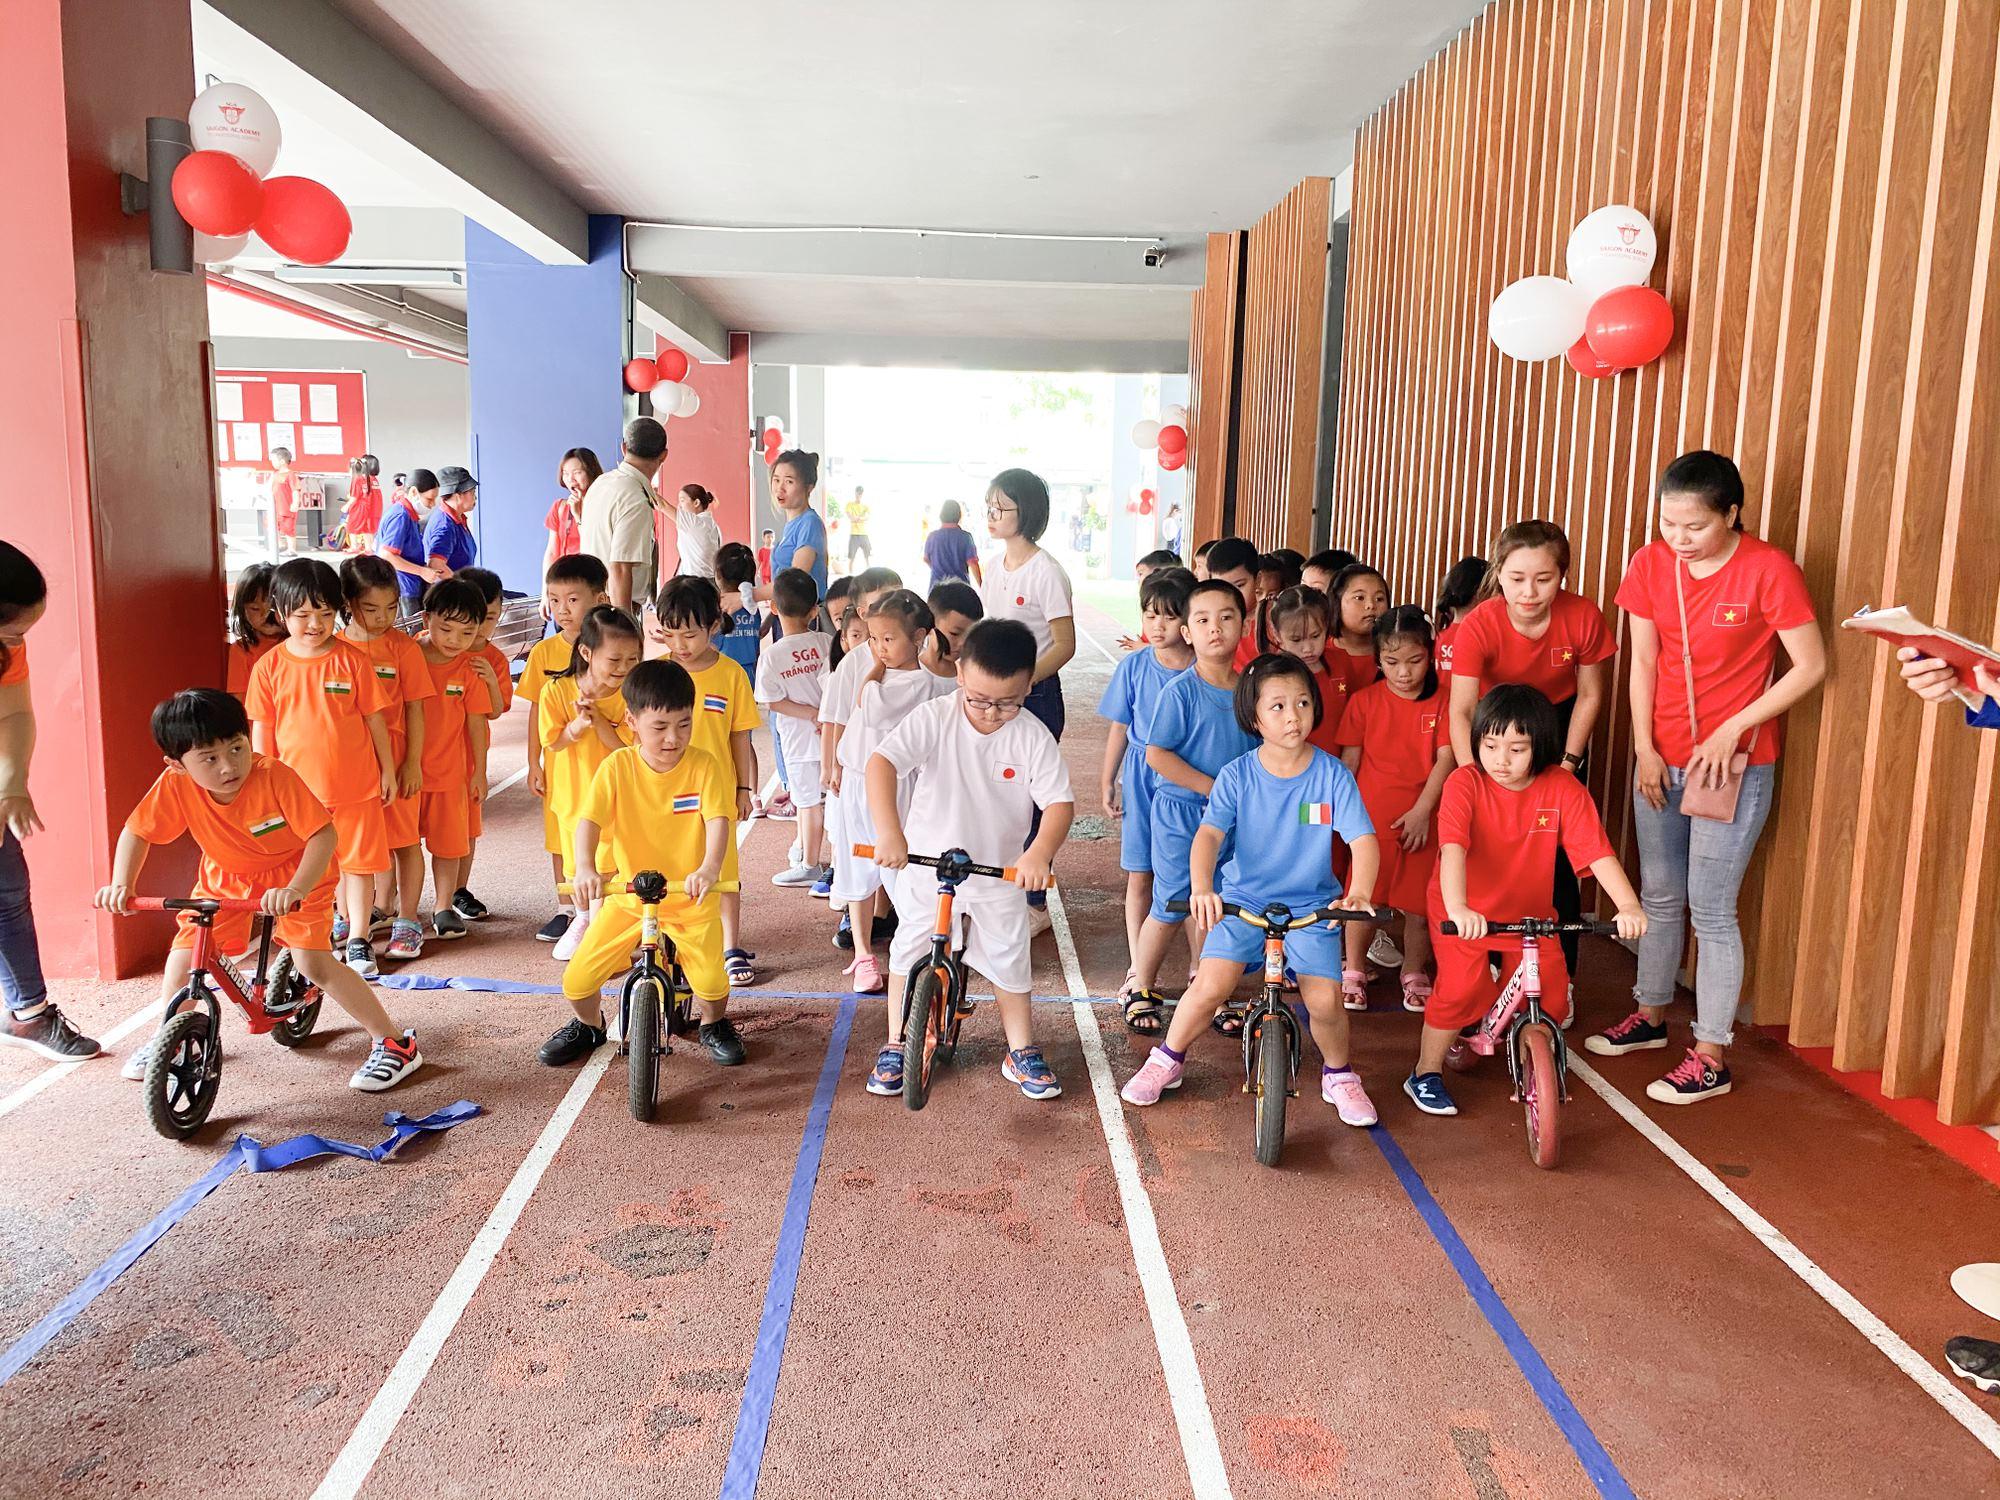 thumbnail 11 Hội thao SGA đa quốc gia tại trường mầm non Quốc tế Saigon Academy